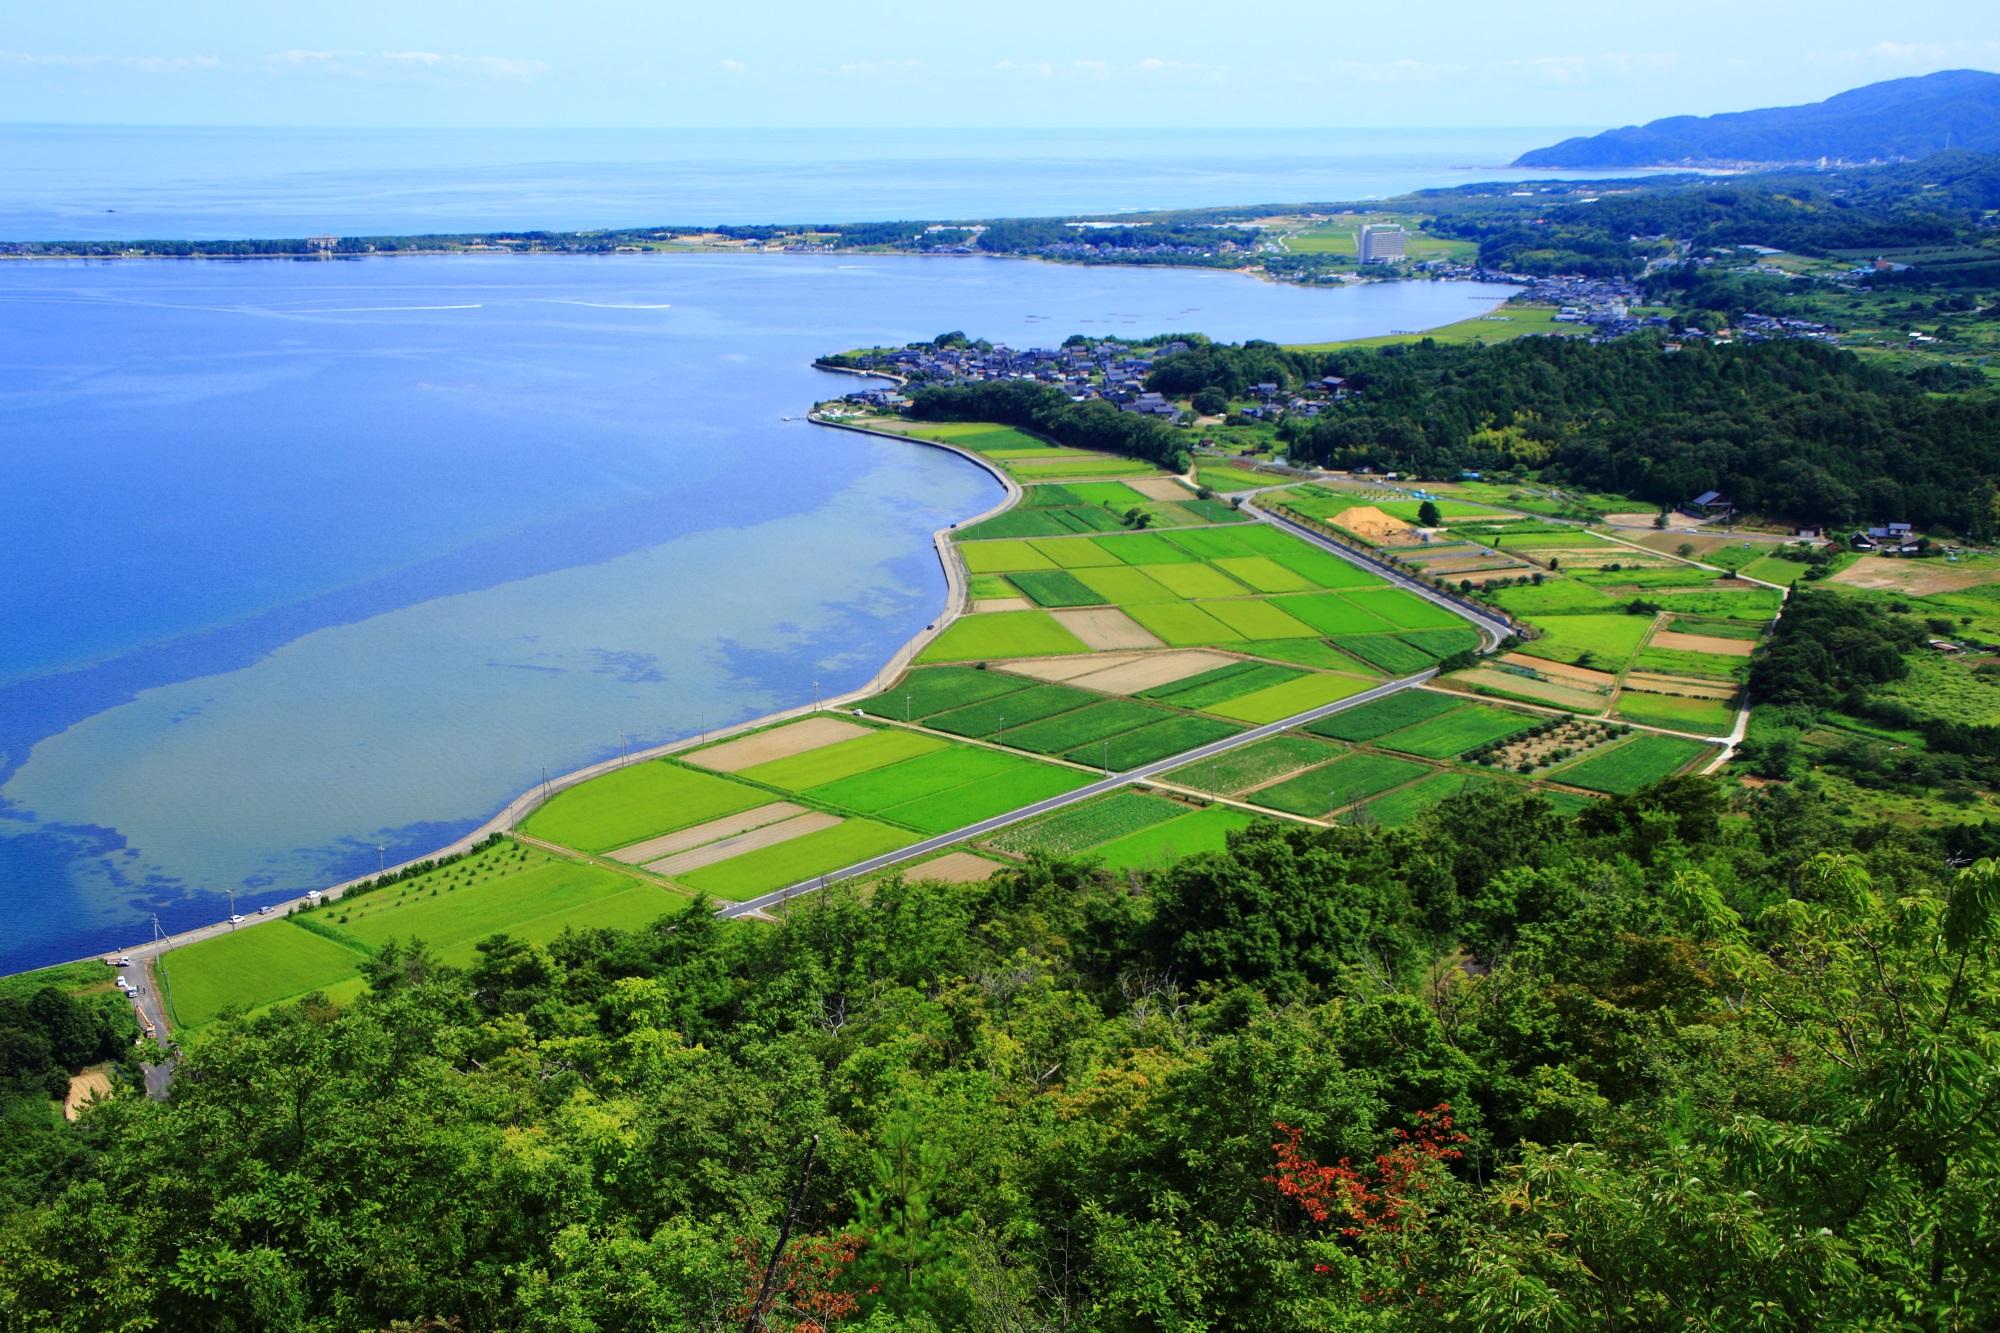 兜山から眺める久美浜湾と広がる田園風景